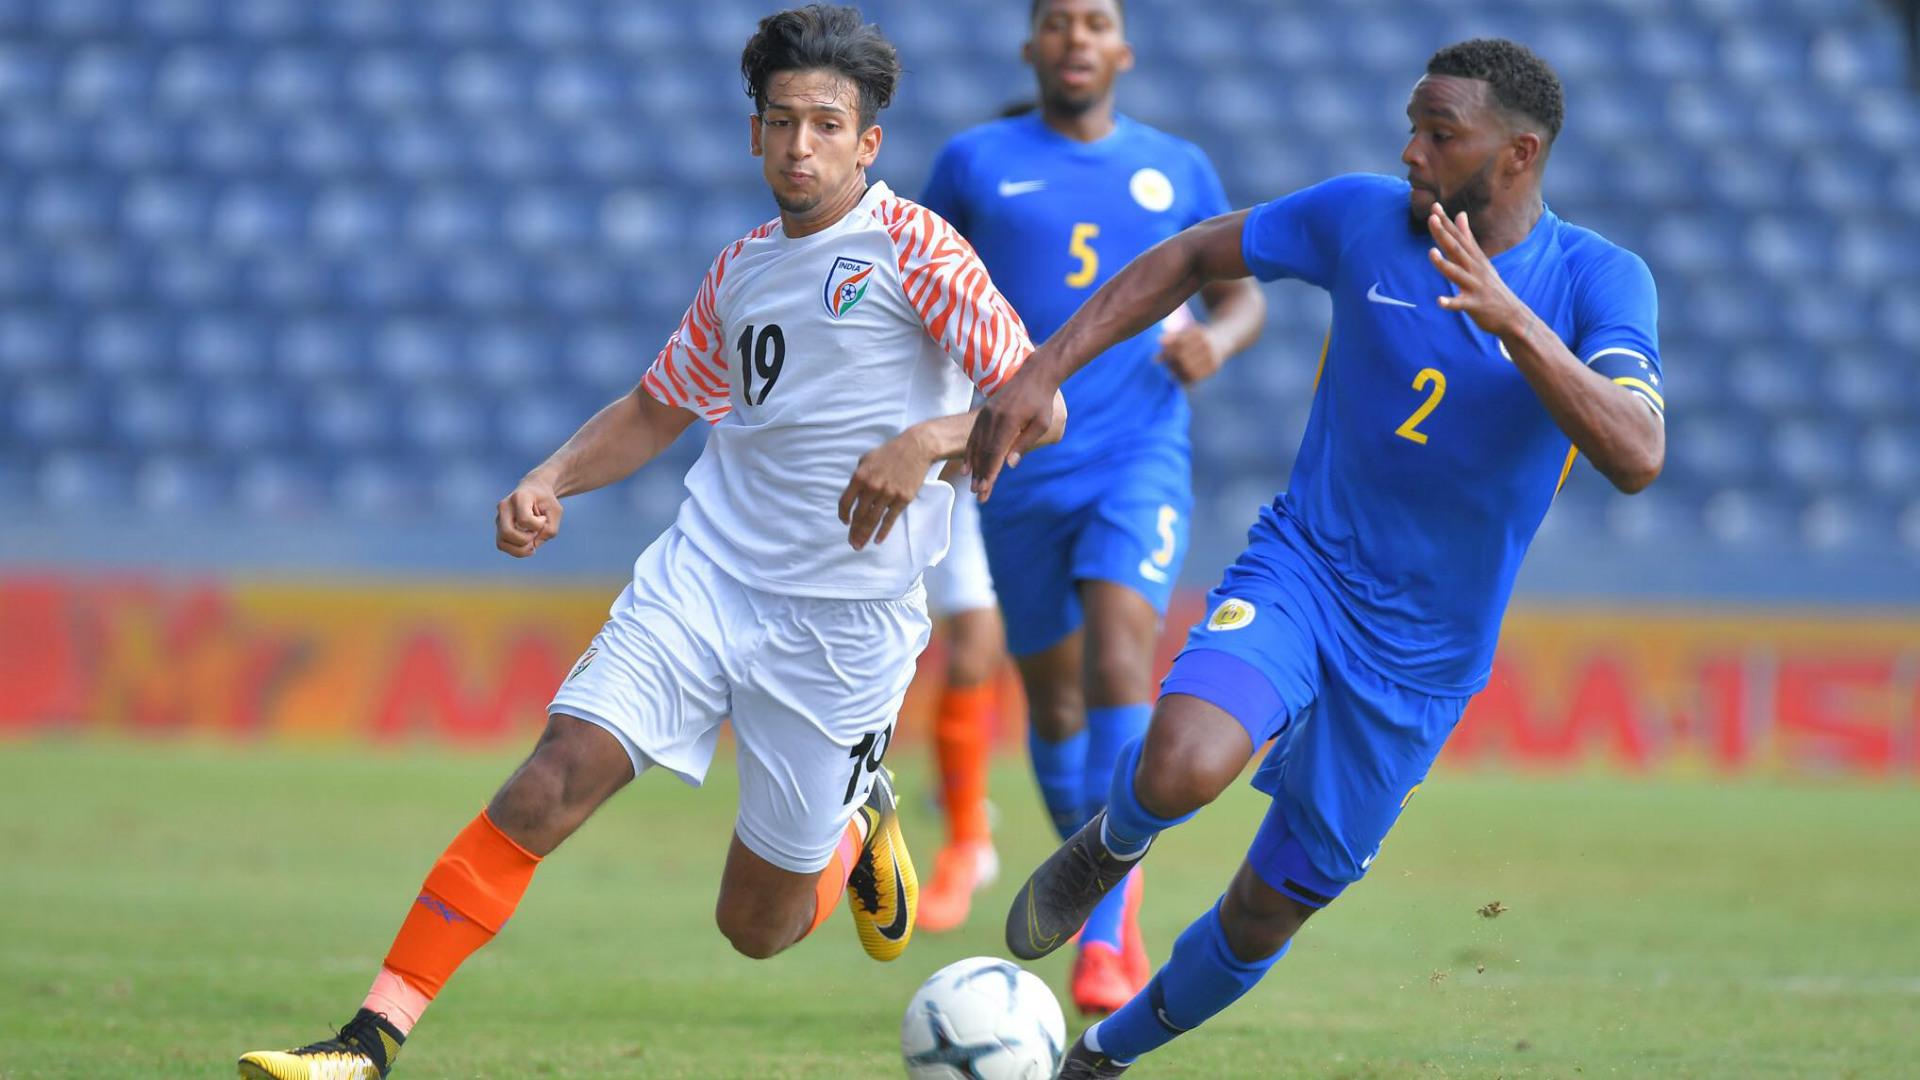 Sahal Abdul Samad Curacao India King's Cup 2019